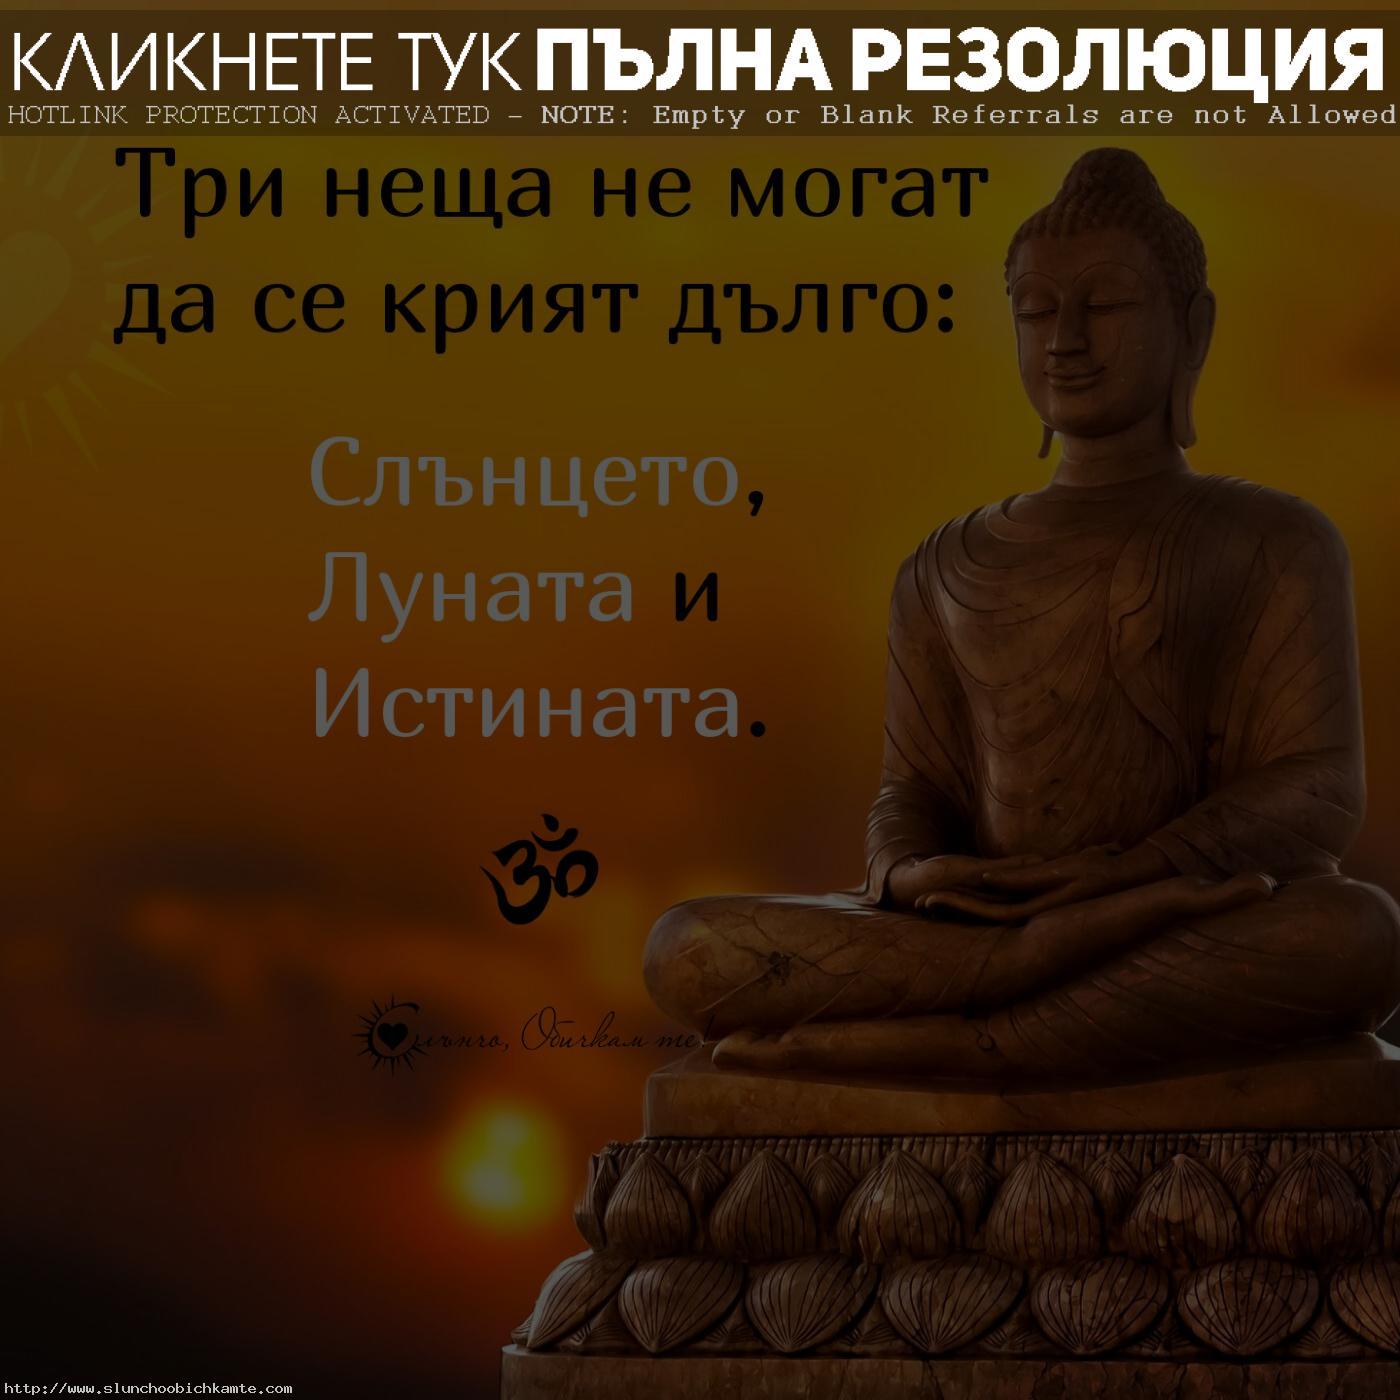 Три неща не могат да се крият дълго - слънцето, луната и истината - Намасте, мъдри мисли, статуси за живота, позитивни мисли, Буда, Namastè, Buddha